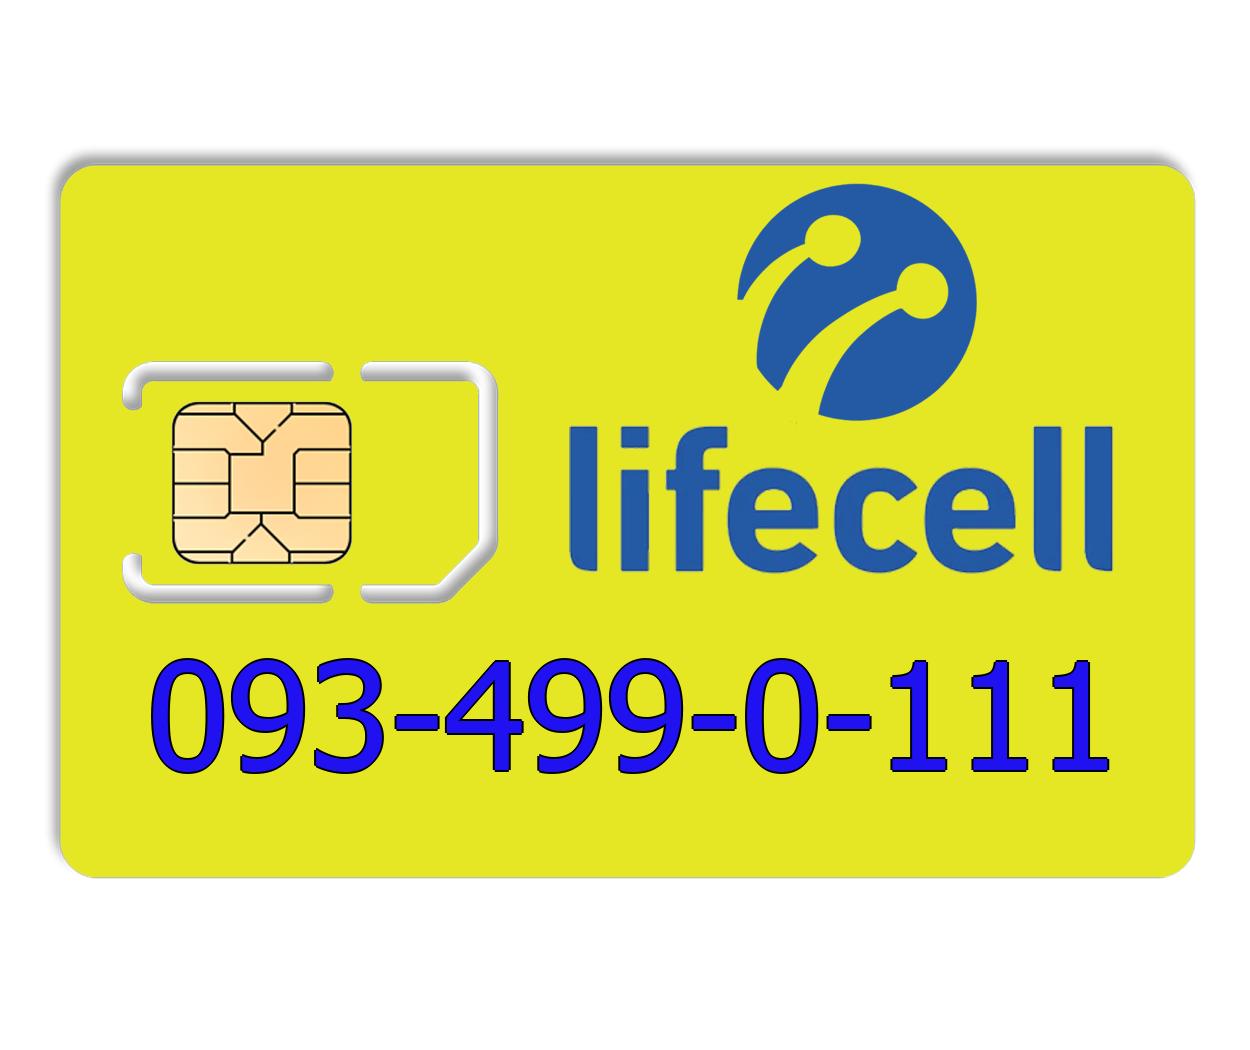 Красивый номер lifecell 093-499-0-111